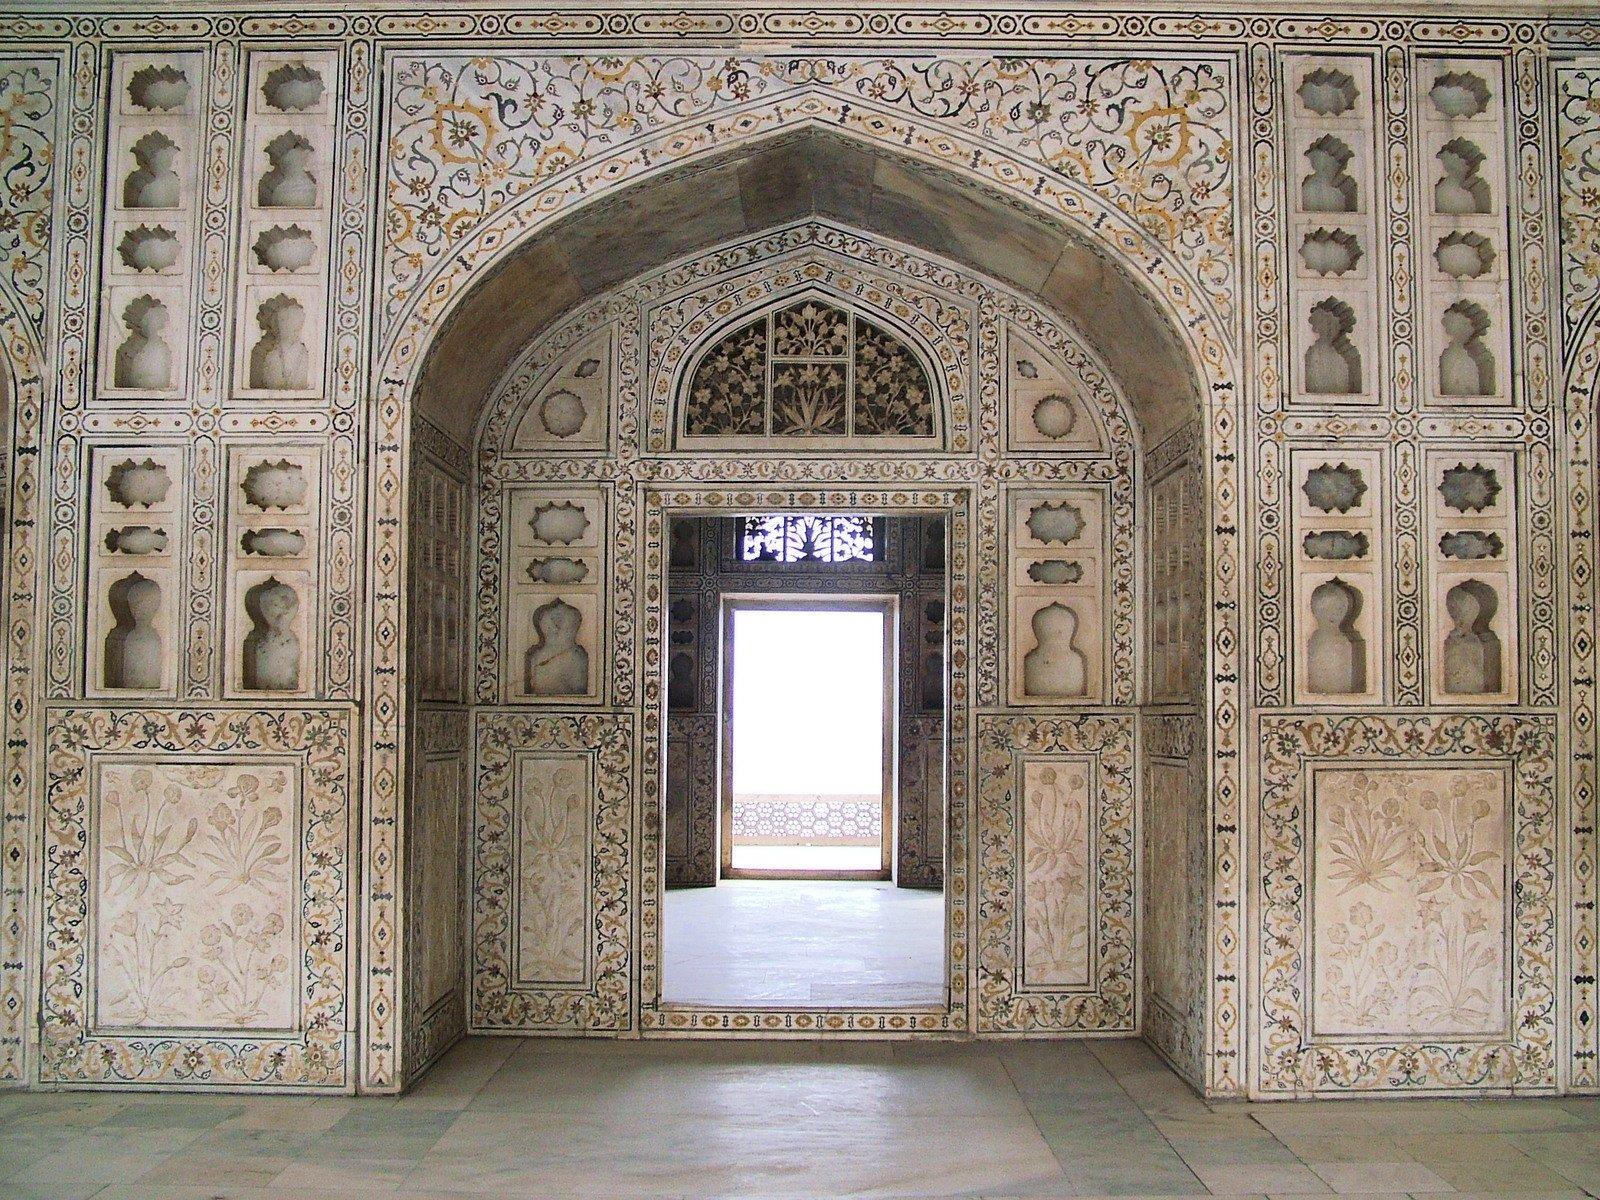 Fatehpur Sikri 123